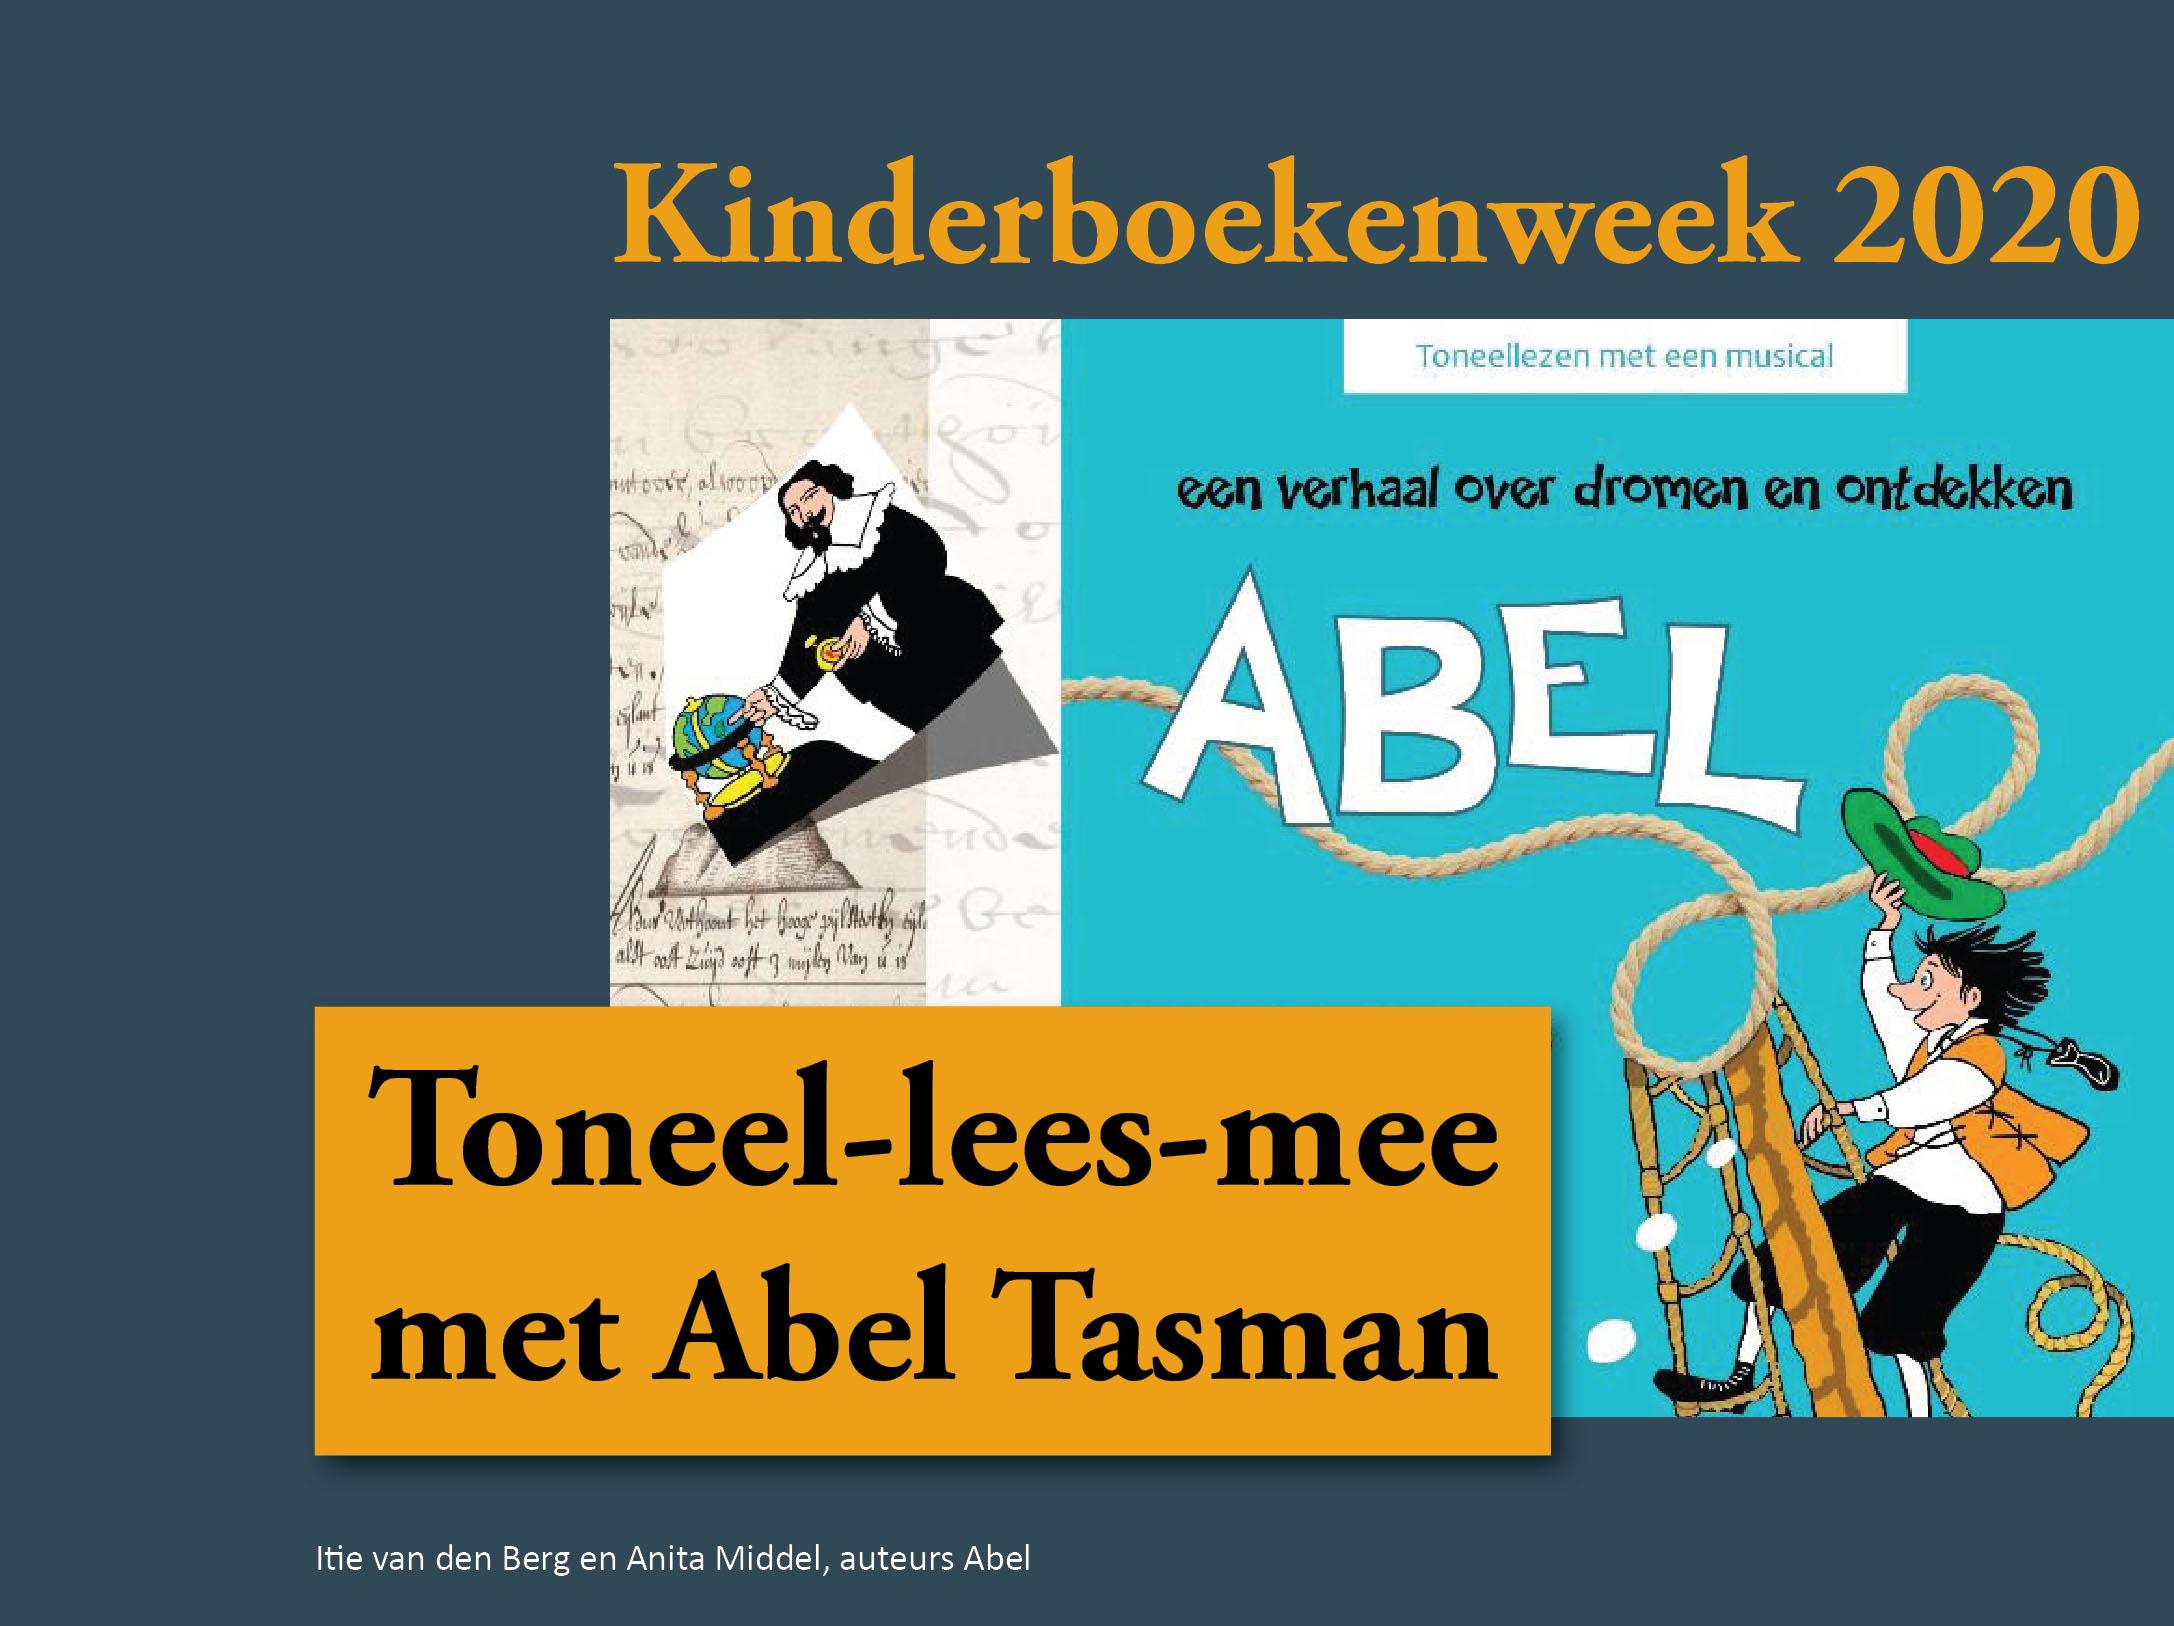 Abel, toneellezen met liedjes in de Kinderboekenweek